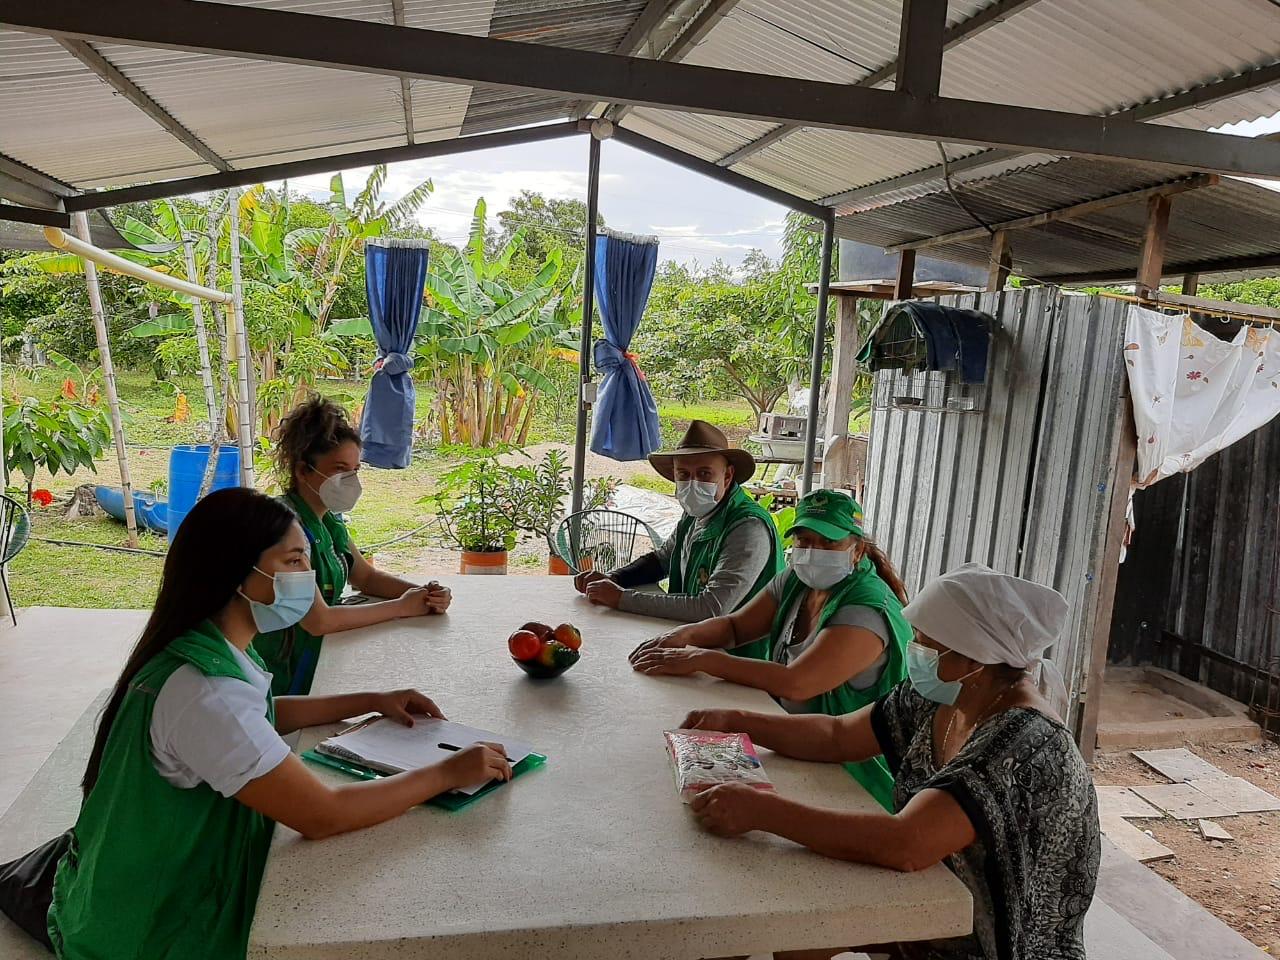 Unidades Móviles del ICBF brindan apoyo a familias víctimas de desplazamiento forzado en el Huila